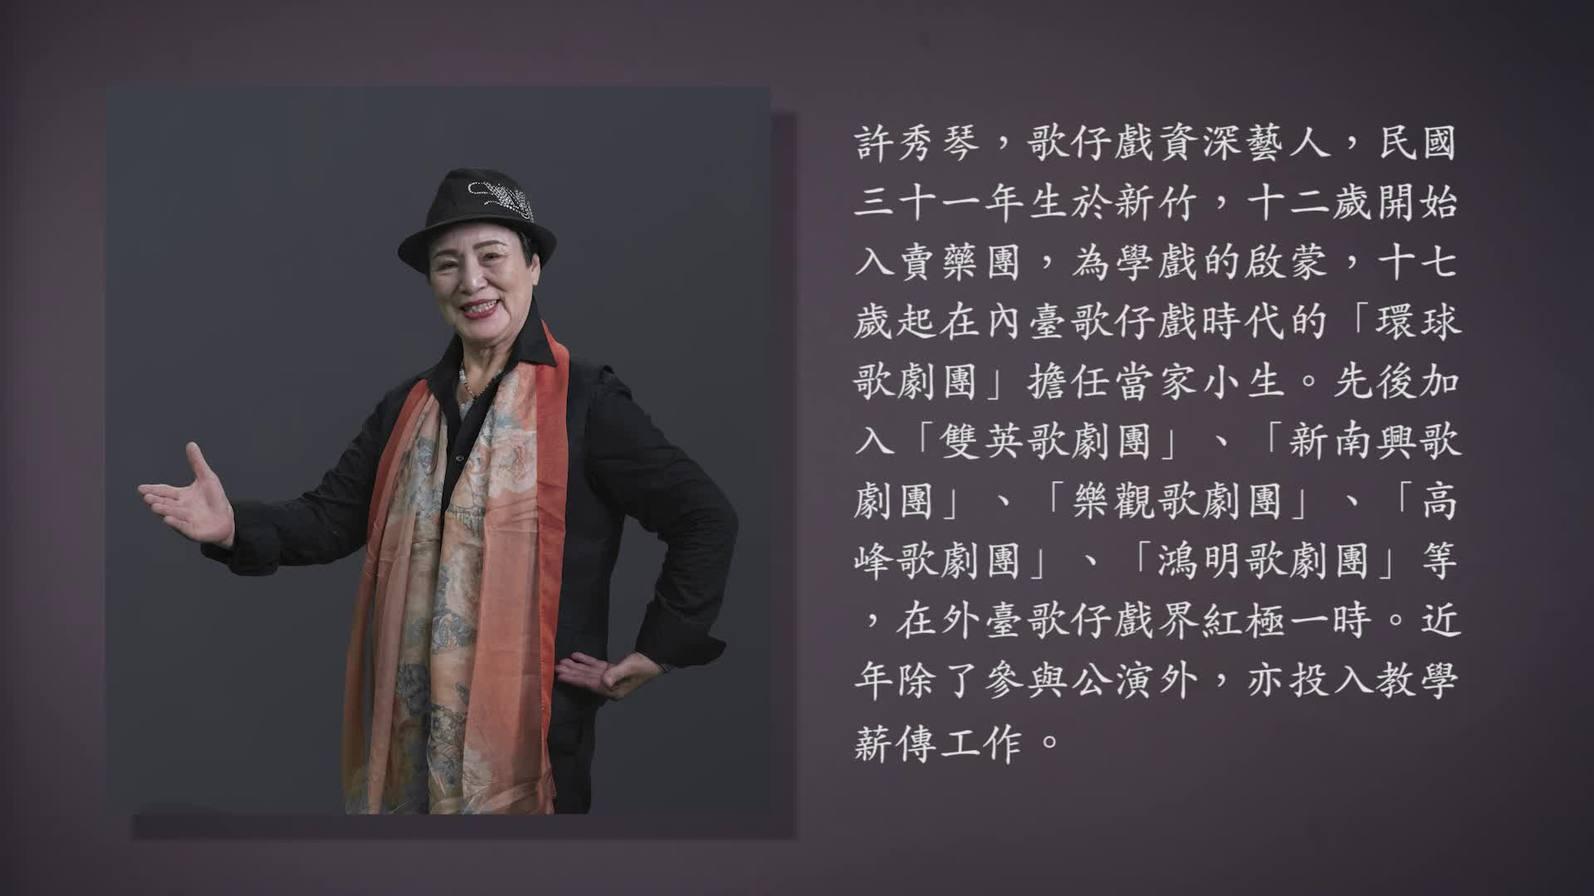 技藝.記憶-傳統藝術藝人口述歷史影像紀錄計畫-許秀琴精華片段